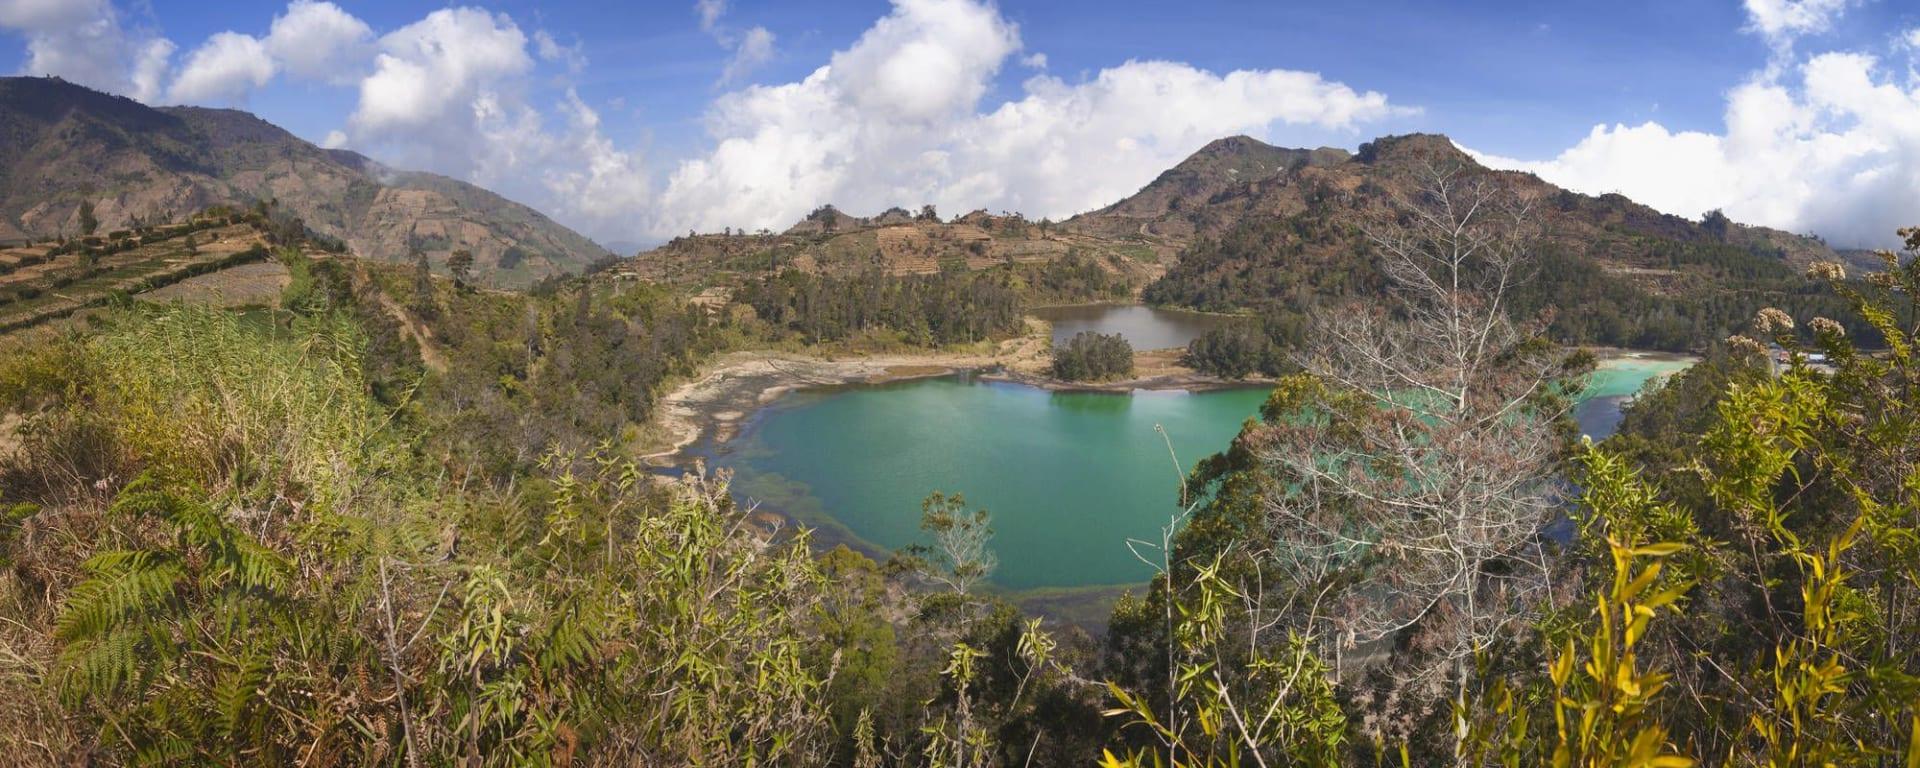 Java-Bali Kompakt ab Yogyakarta: Java Dieng Plateau Lake Telaga Warna